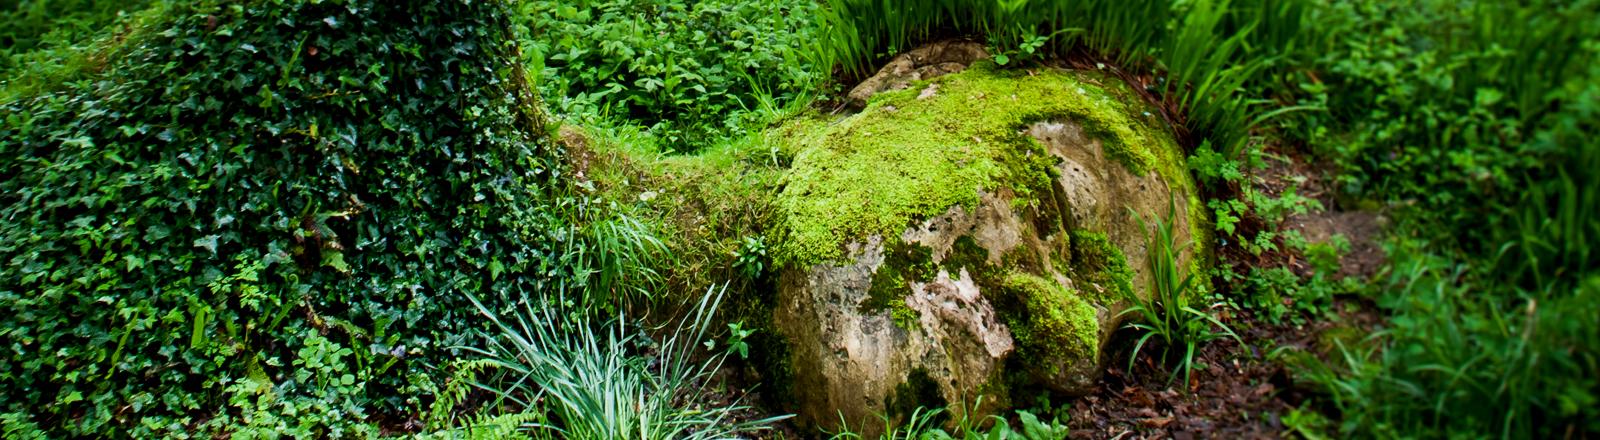 Eine Skulptur, die aussieht wie eine Frau aus Moos und Waldbewuchs